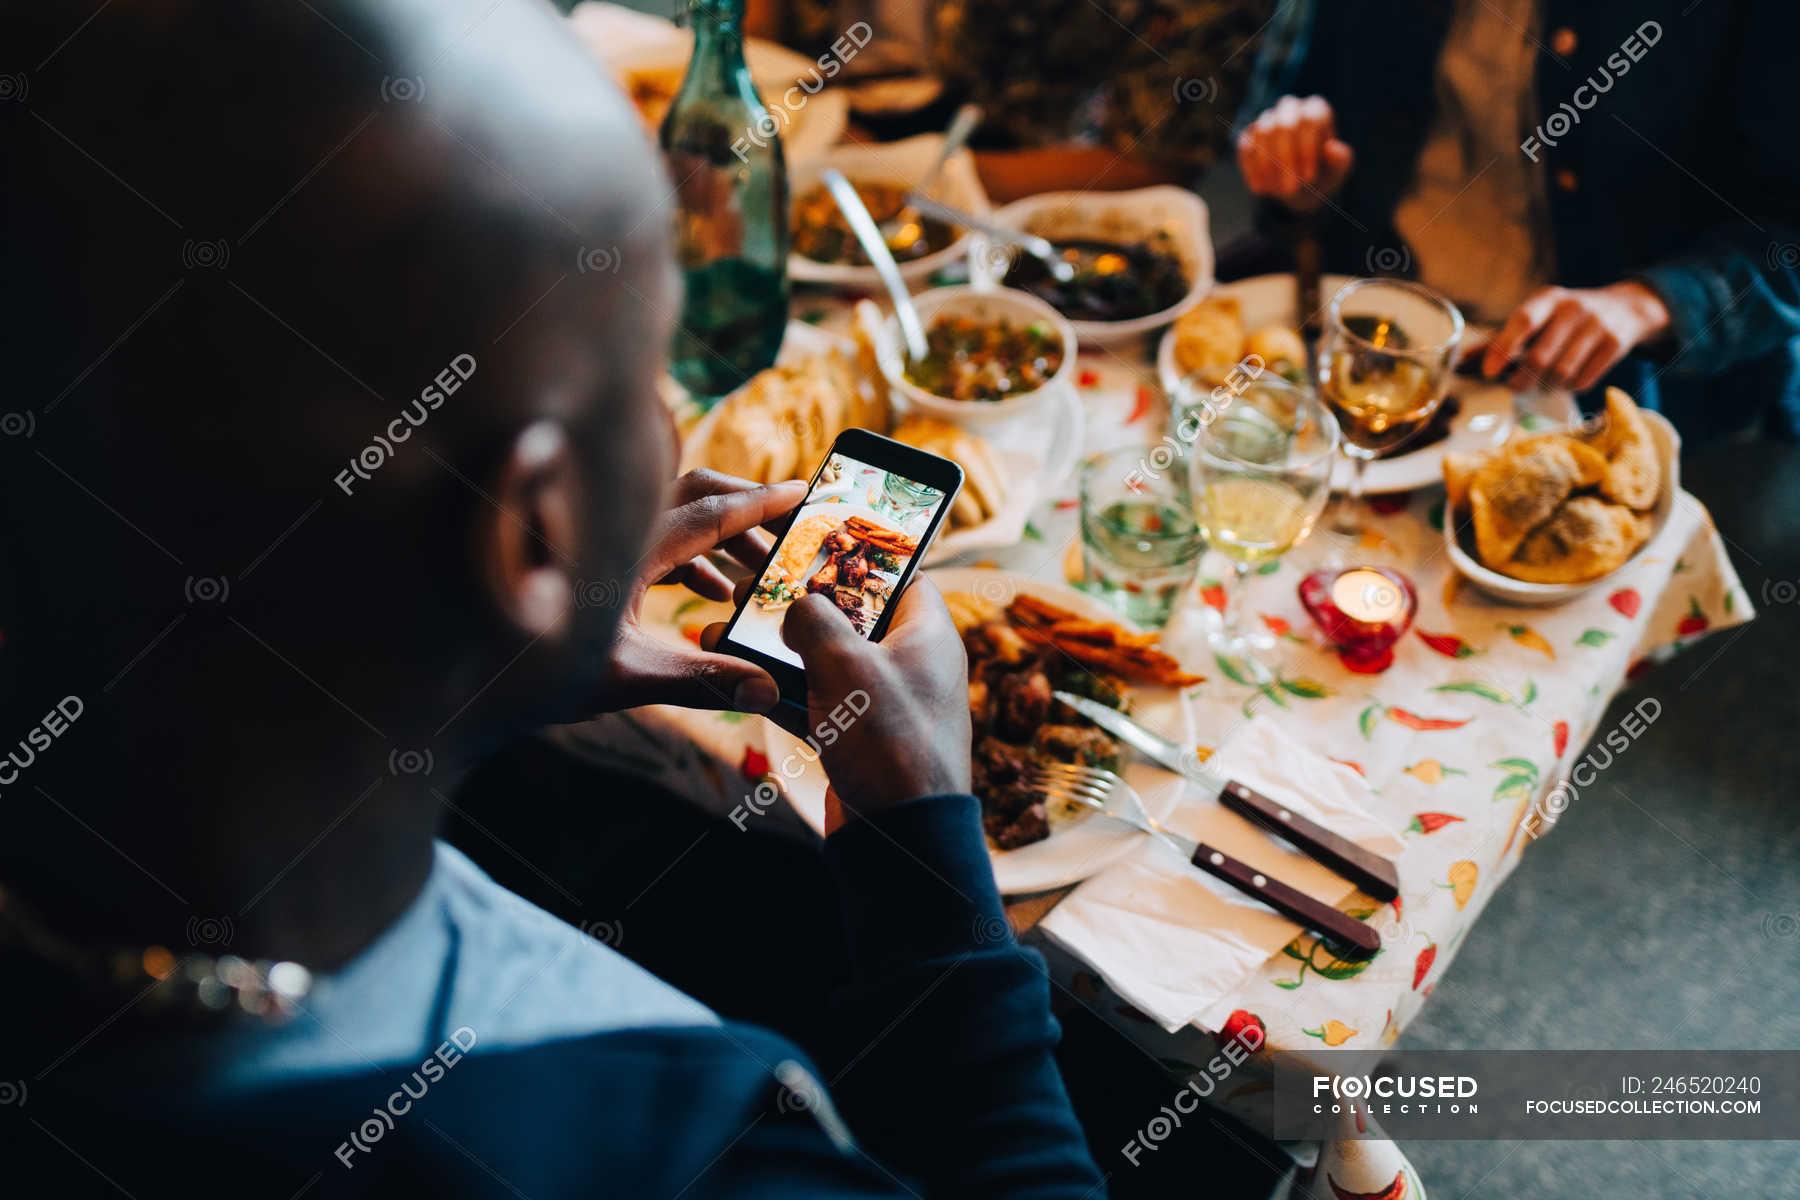 как правильно фотографировать людей в ресторане про глупых